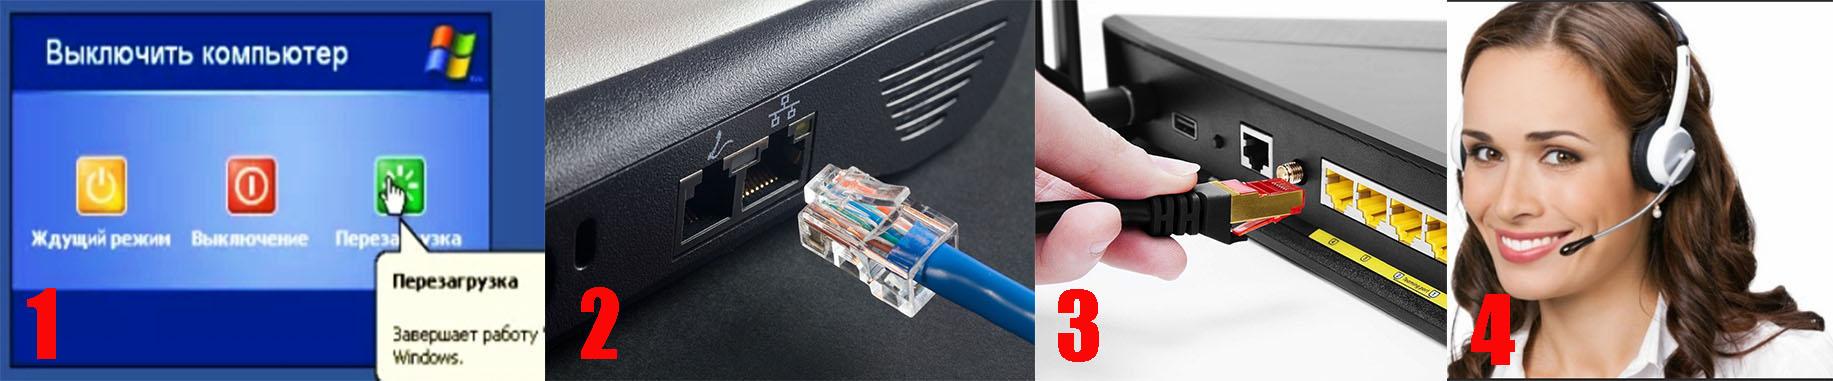 Действия по устранению поломки с отсутствием сетевого кабеля